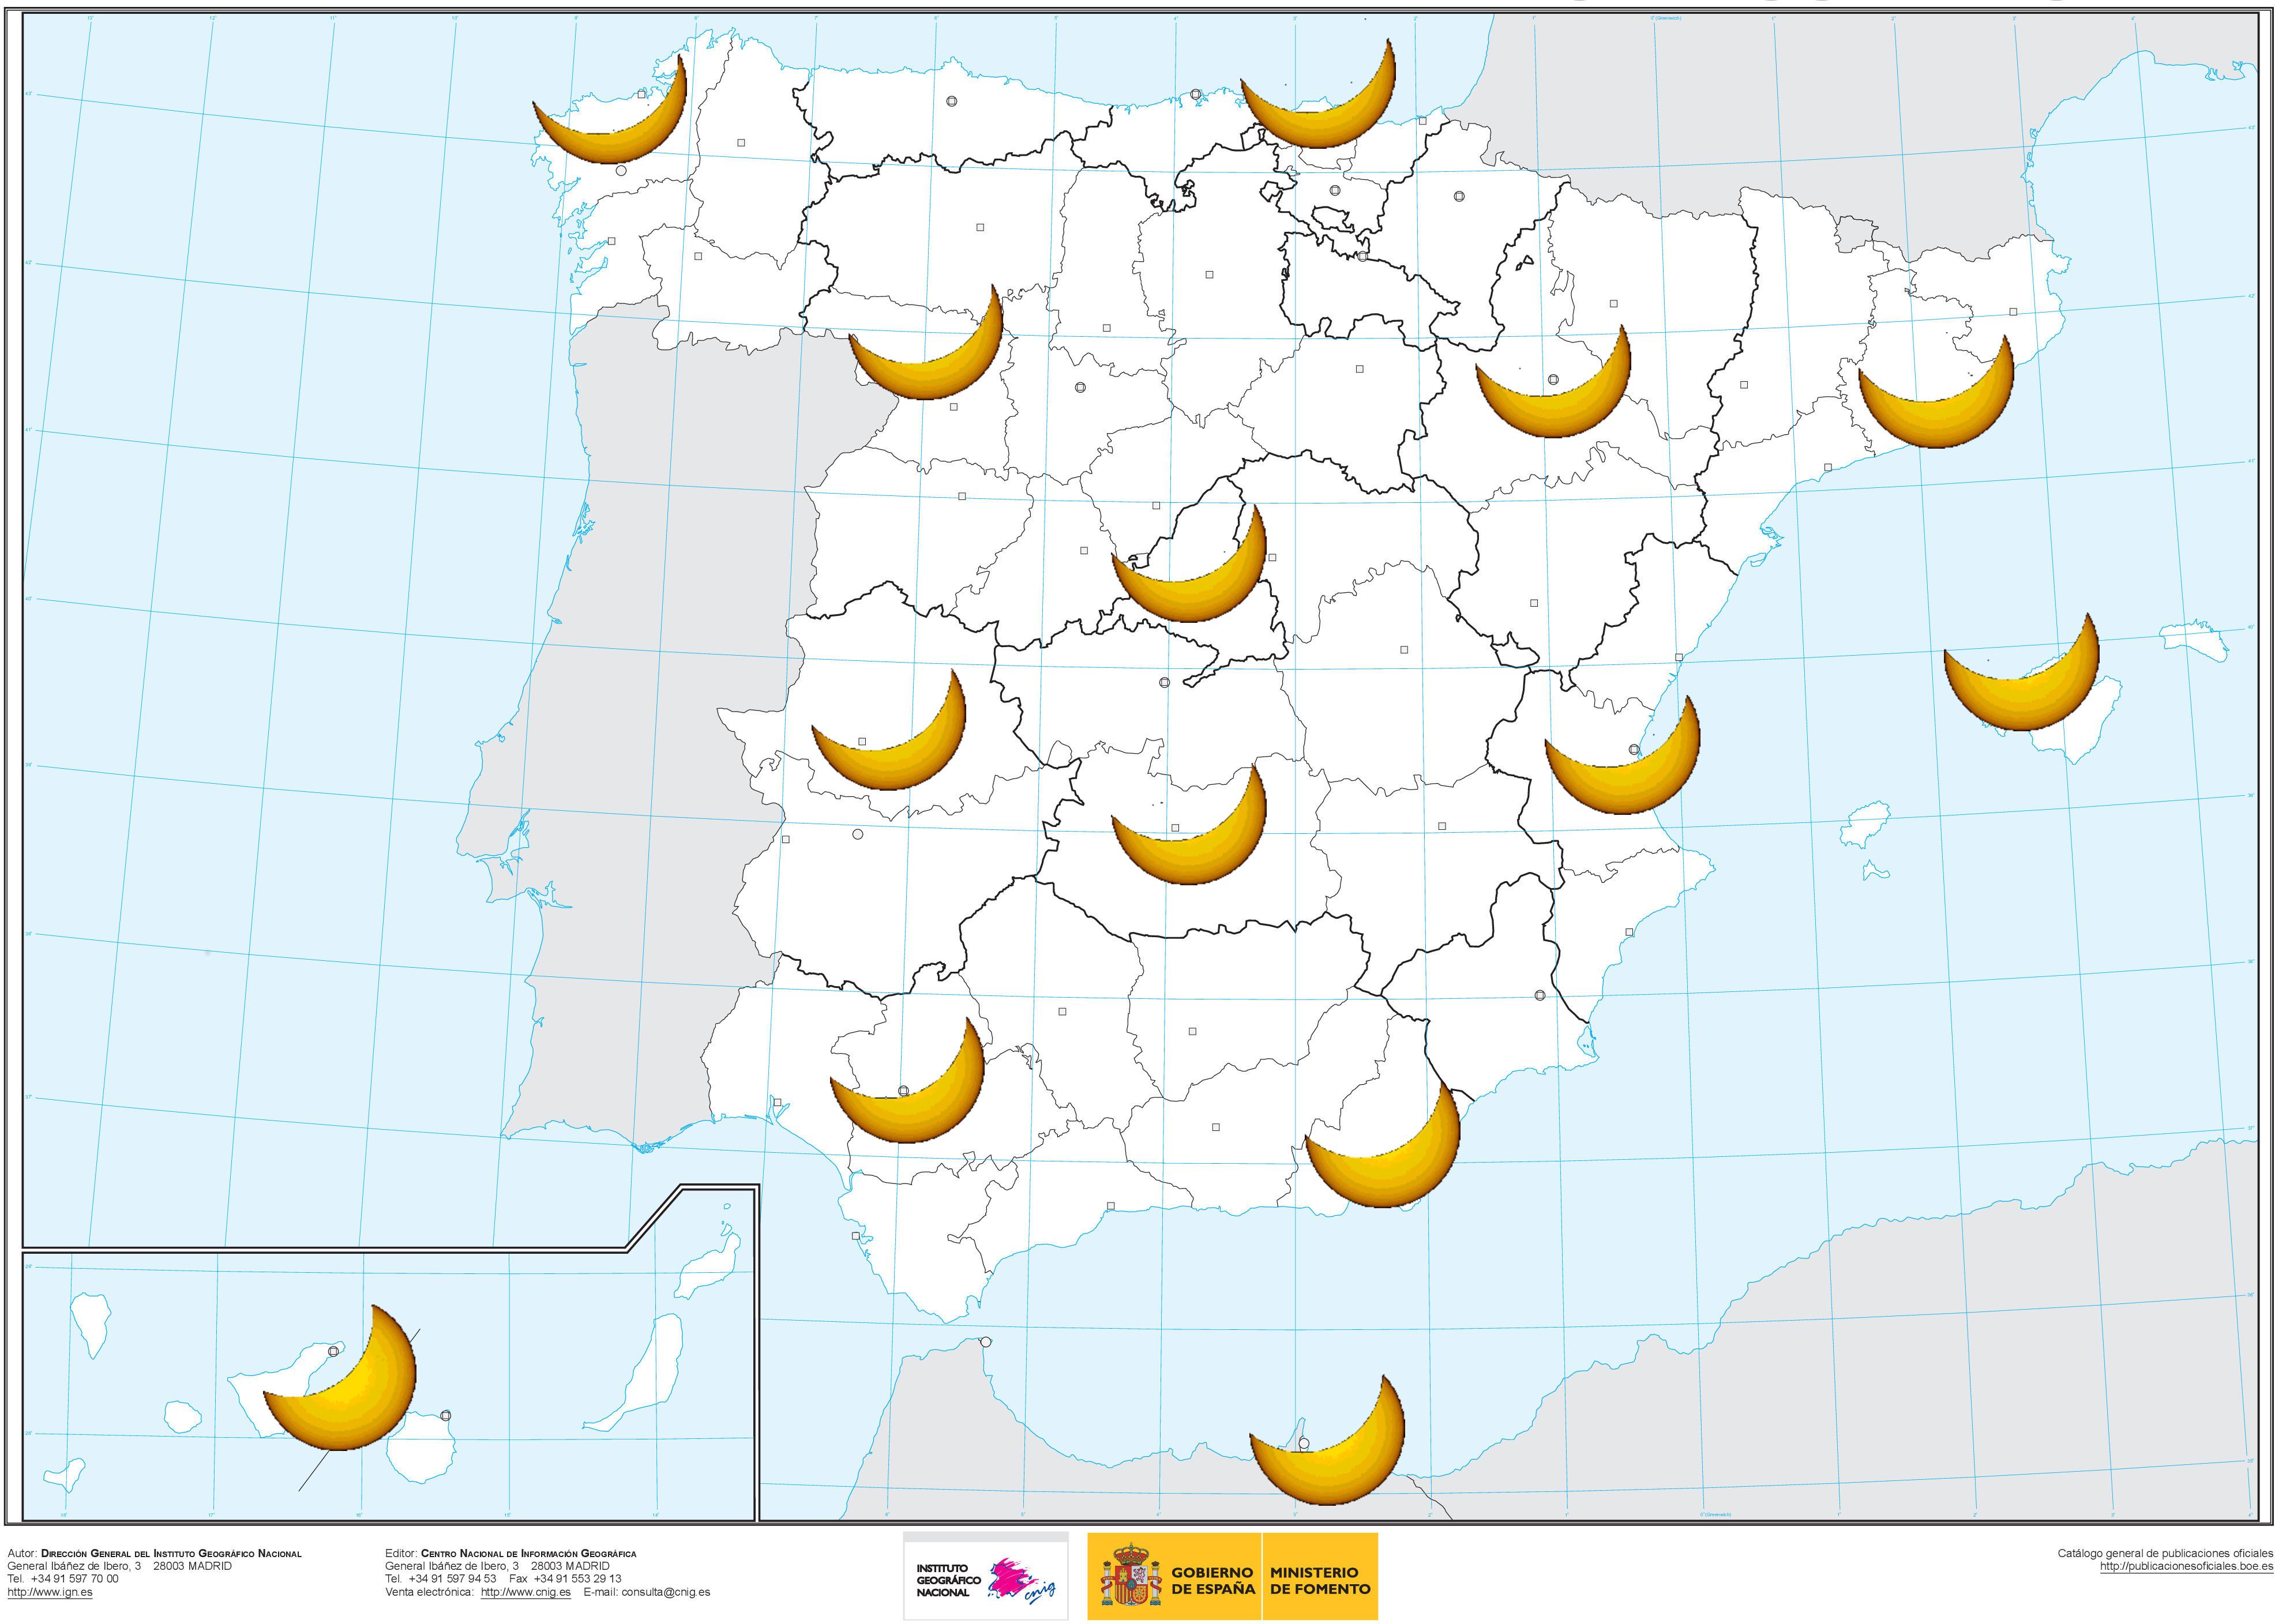 Magnitud del eclipse desde diferentes posiciones